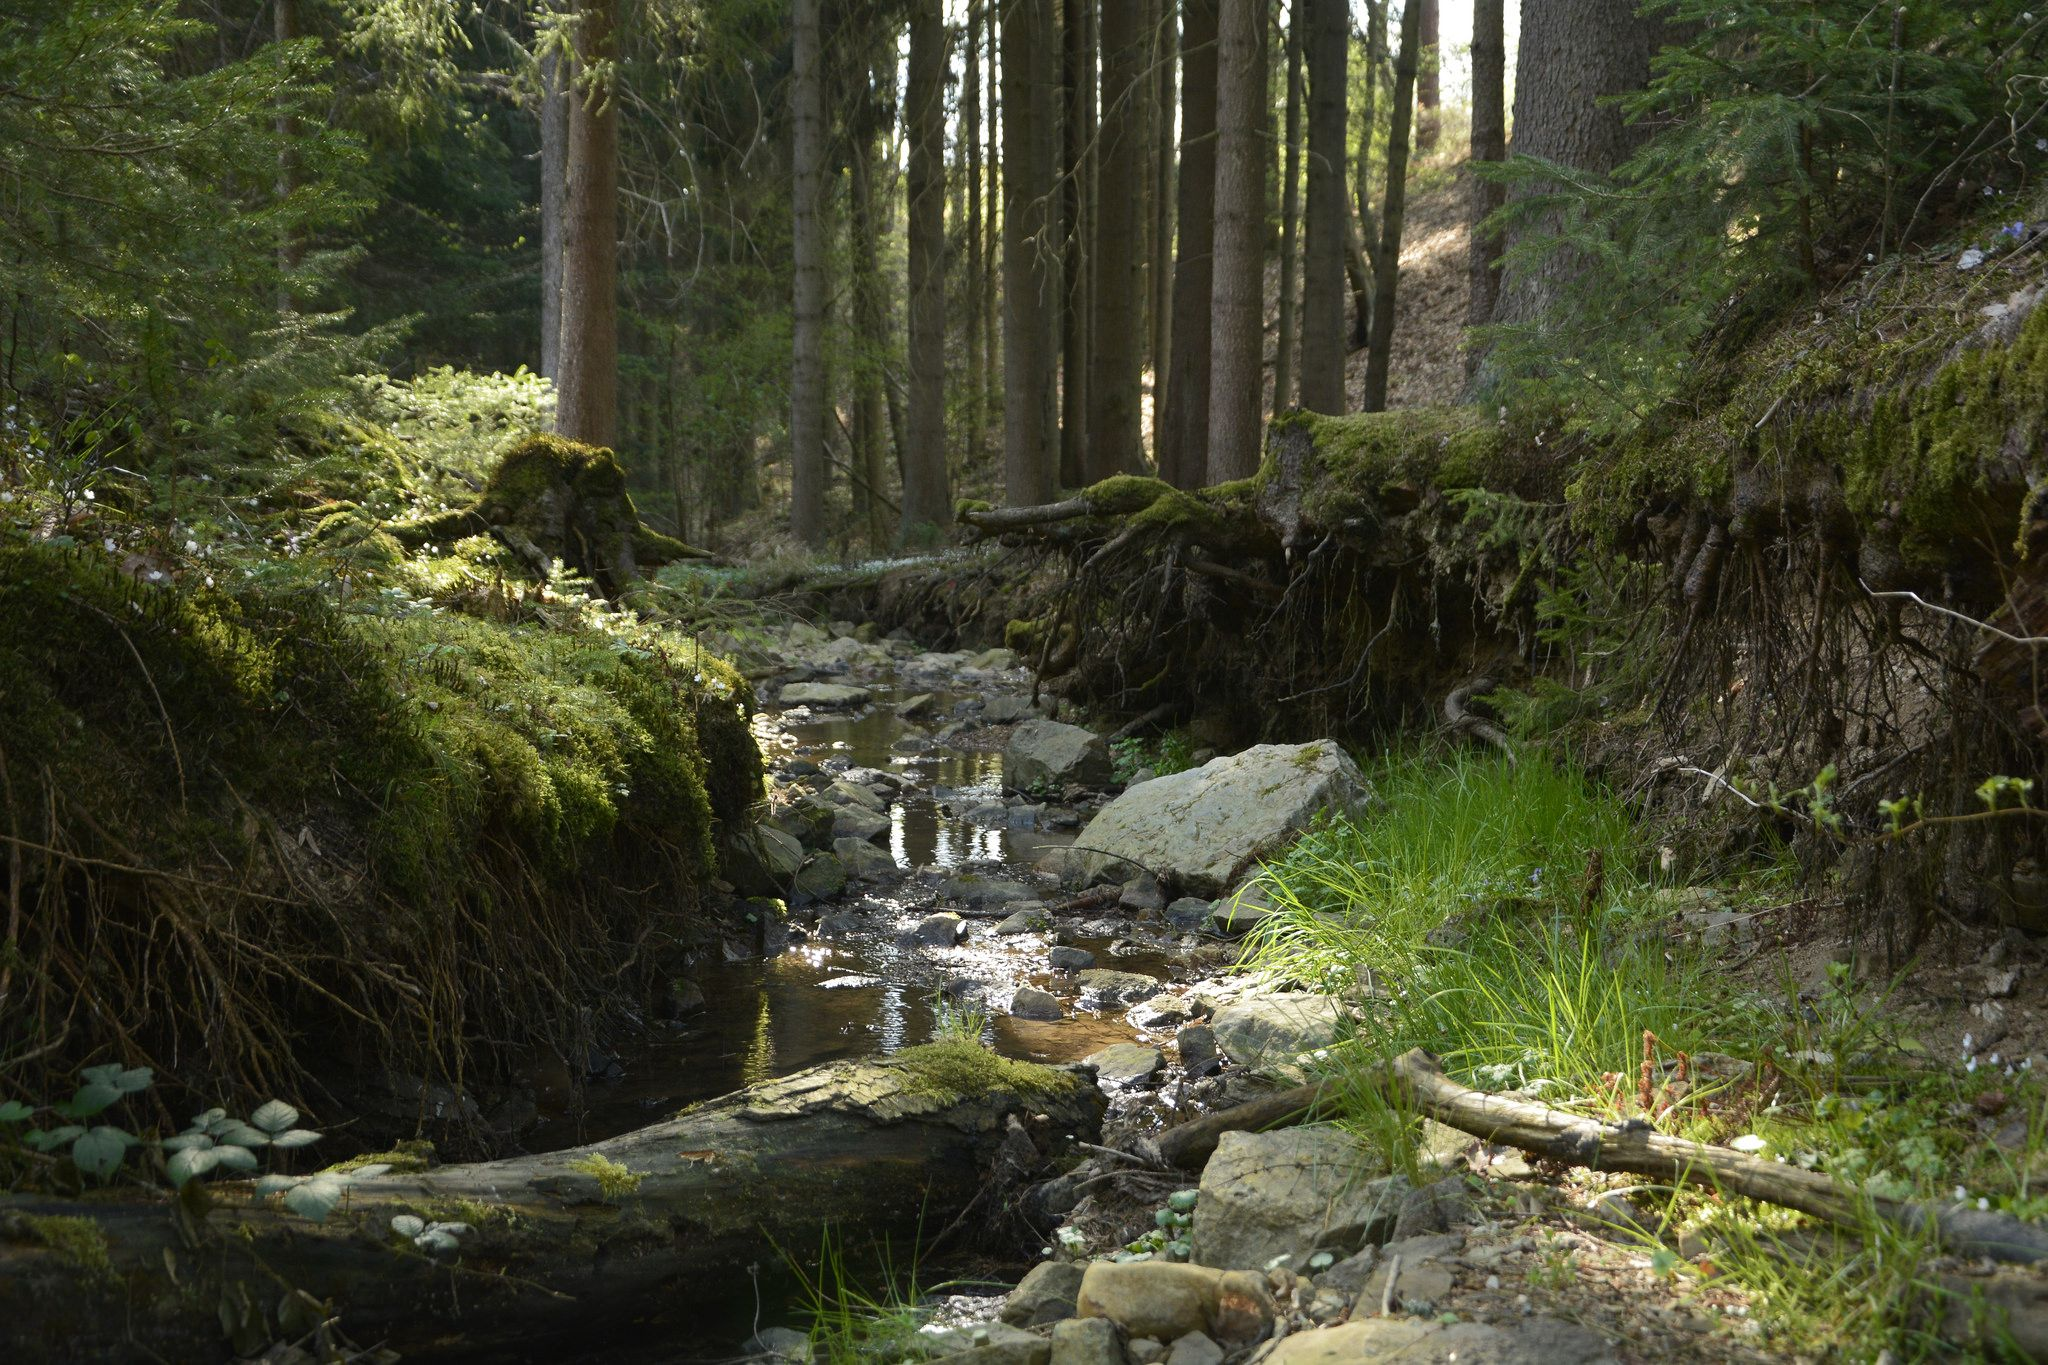 https://flic.kr/p/nkJYSz | (PA0445) Western European broadleaf forests | (PA0445) Western European broadleaf forests